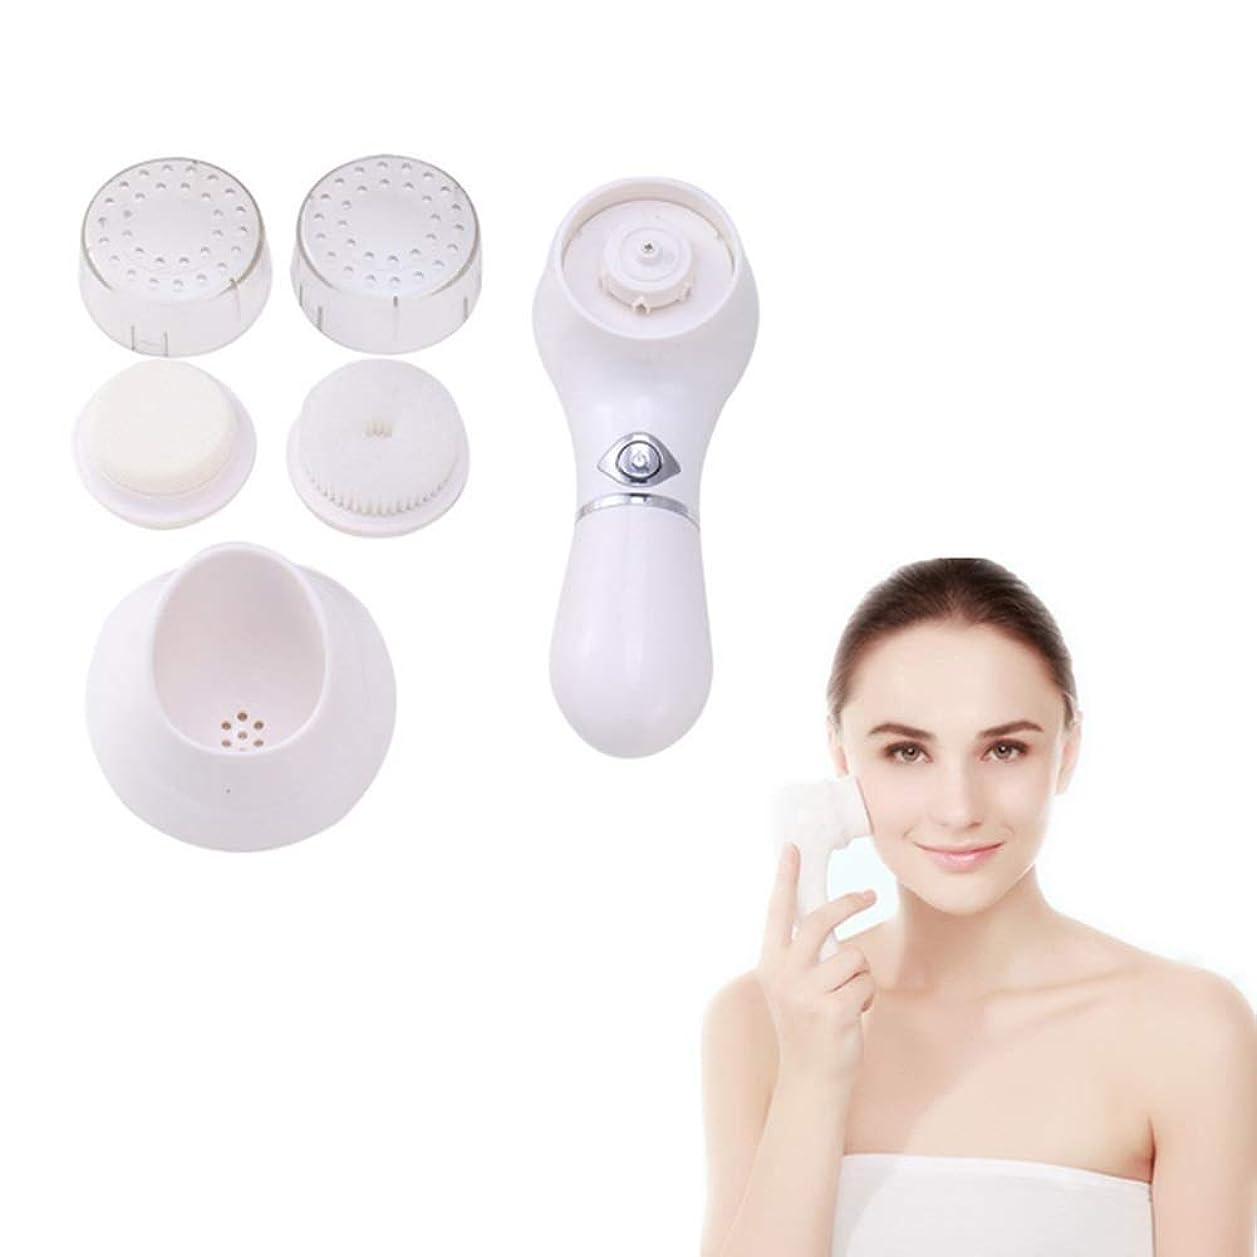 結婚式火第二に洗顔ブラシ剥離ブラシセット、すべての肌タイプのためのアンチエイジングスキンクレンジングシステム2つの剥離ブラシ付きフェイシャルブラシ用ヘッド穏やかな剥離